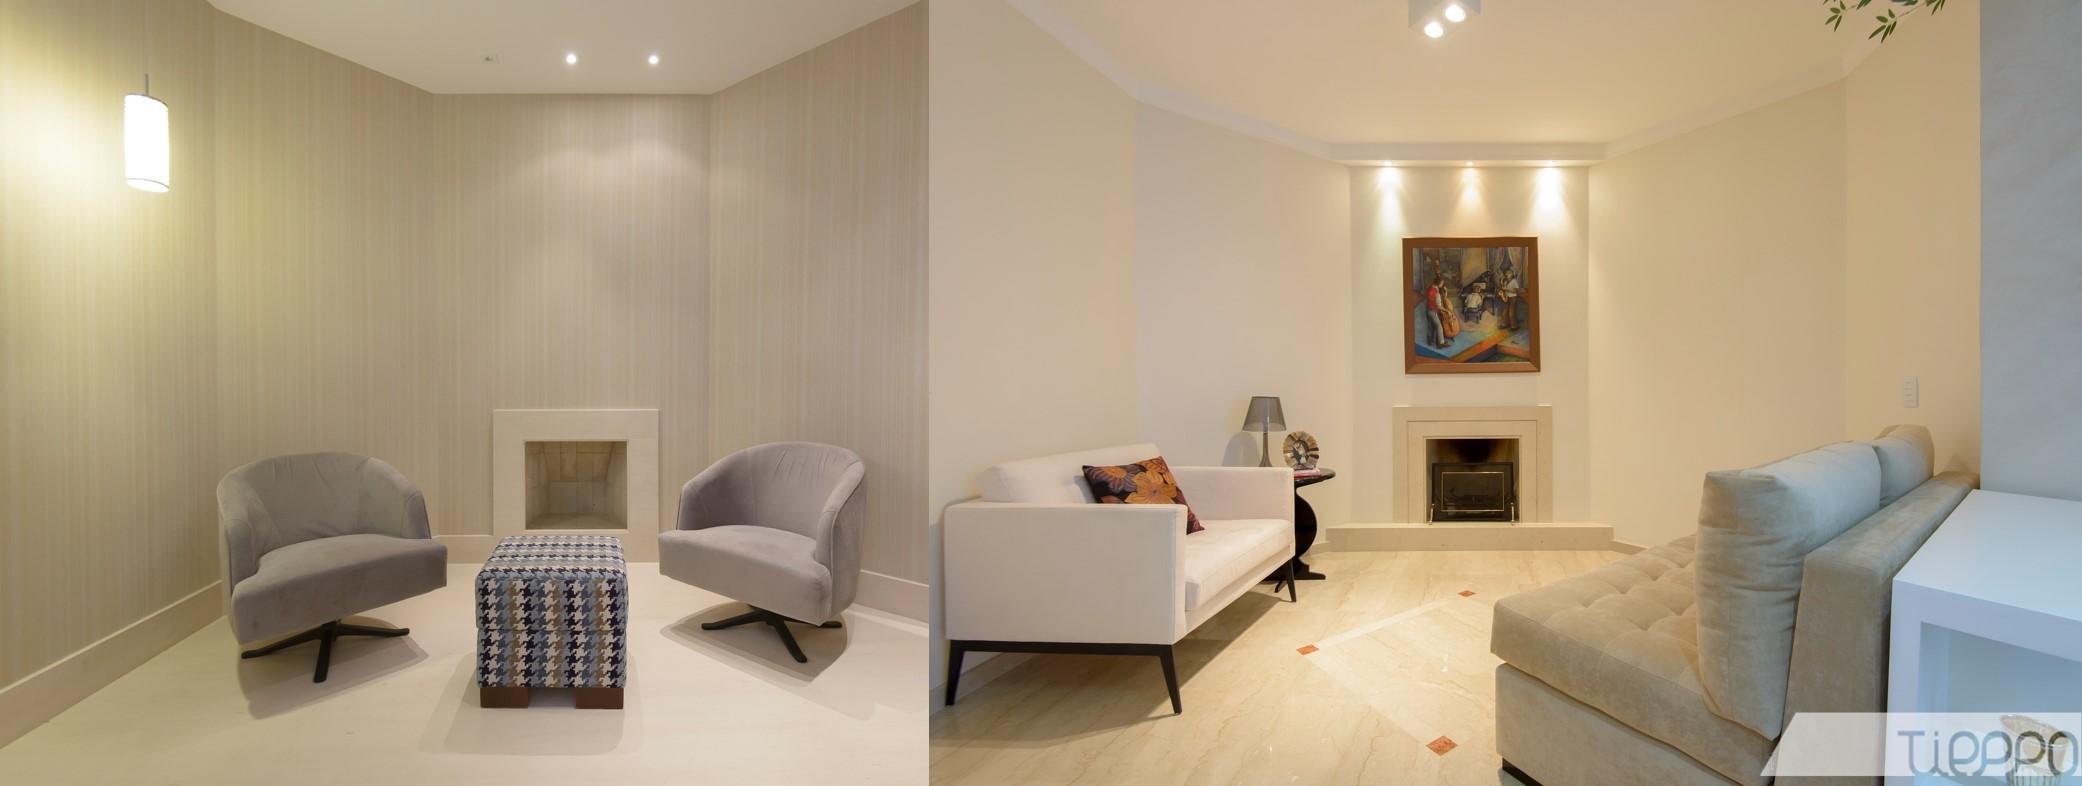 #986133 sala de lareira ficou mais ampla com o uso de papéis de parede 2082x786 píxeis em Decoração De Sala Pequena Com Lareira De Canto